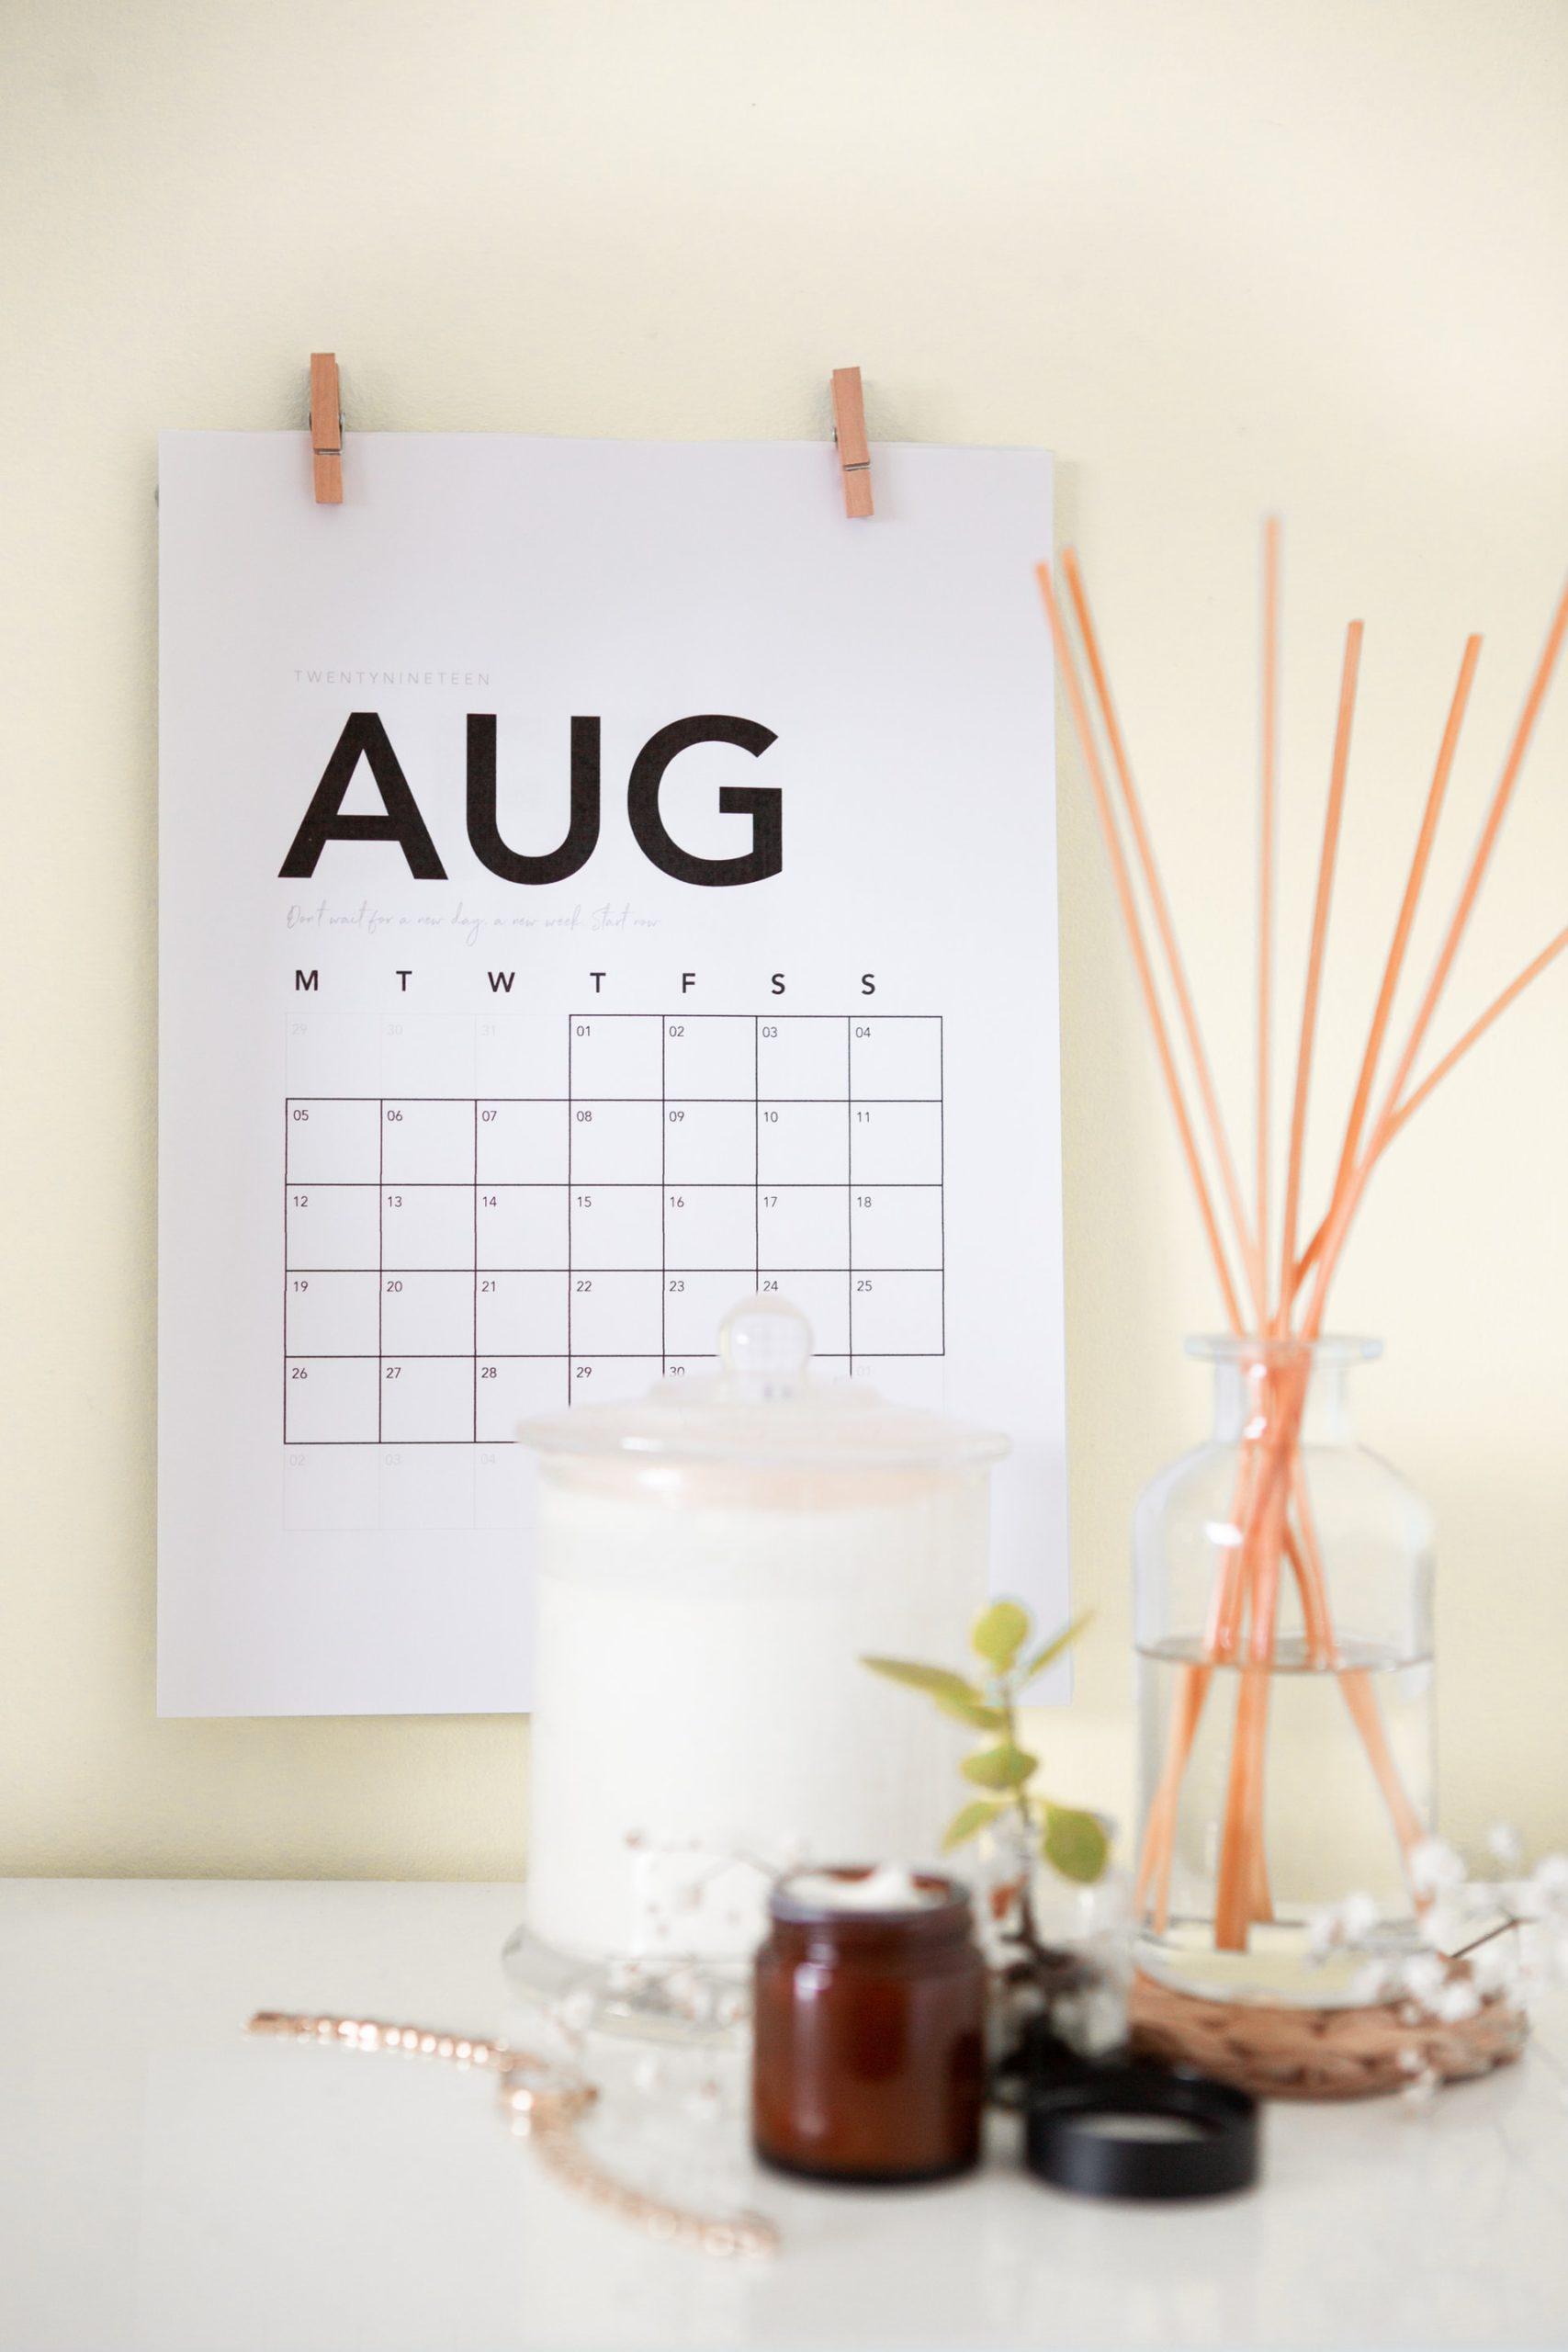 8月の定休日ならびにお盆休みについて